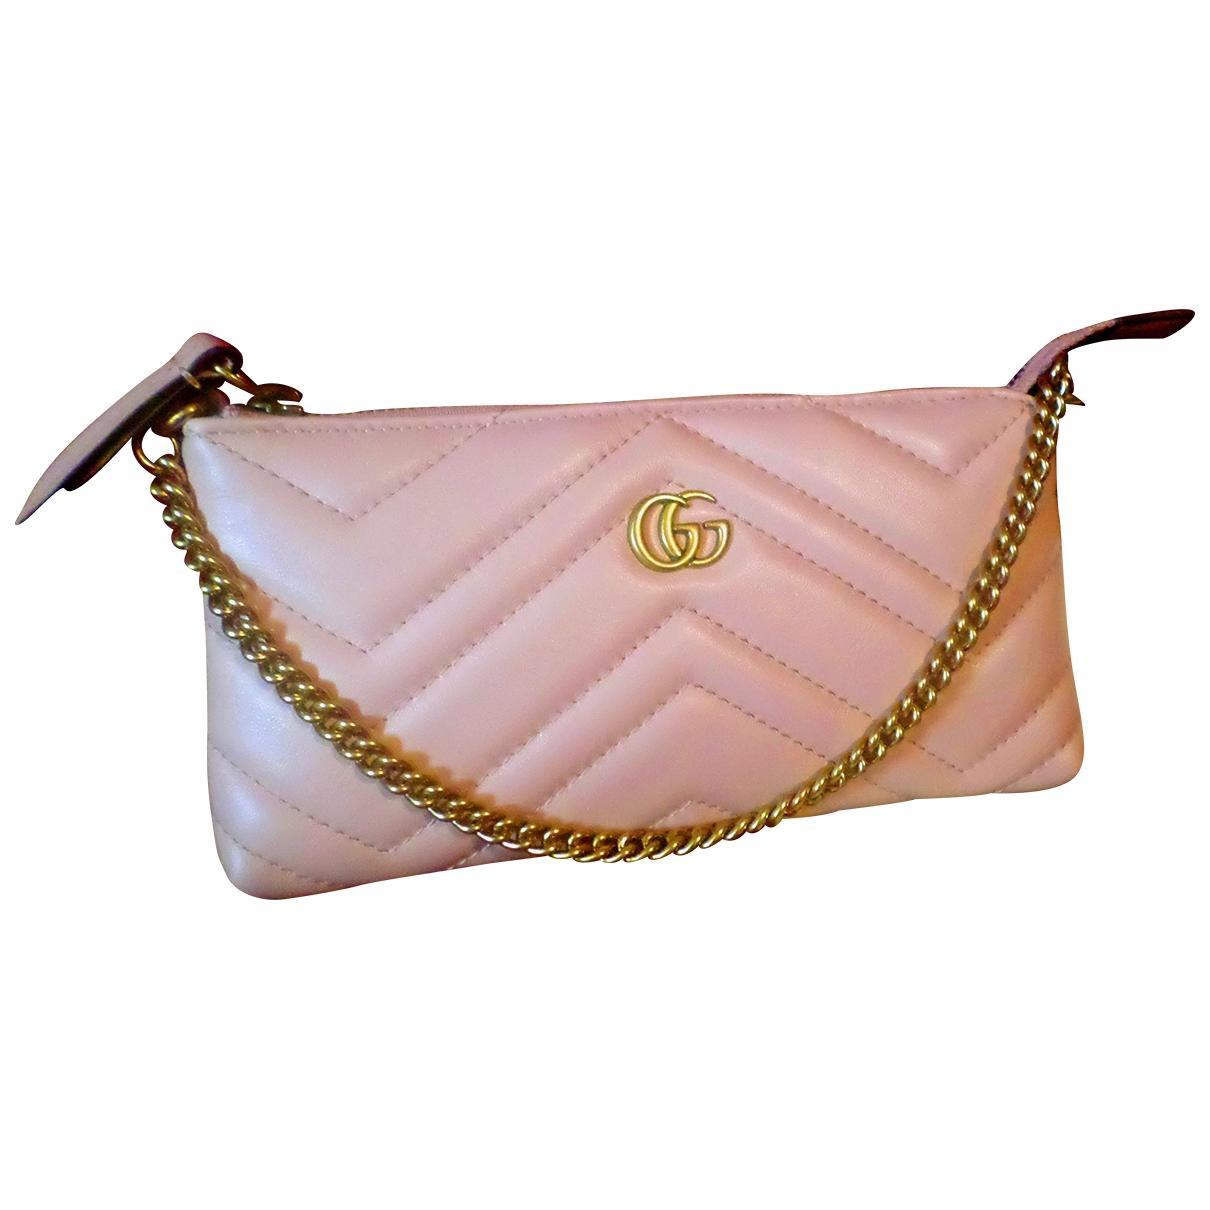 Gucci - Pochette Marmont pour femme en cuir - rose